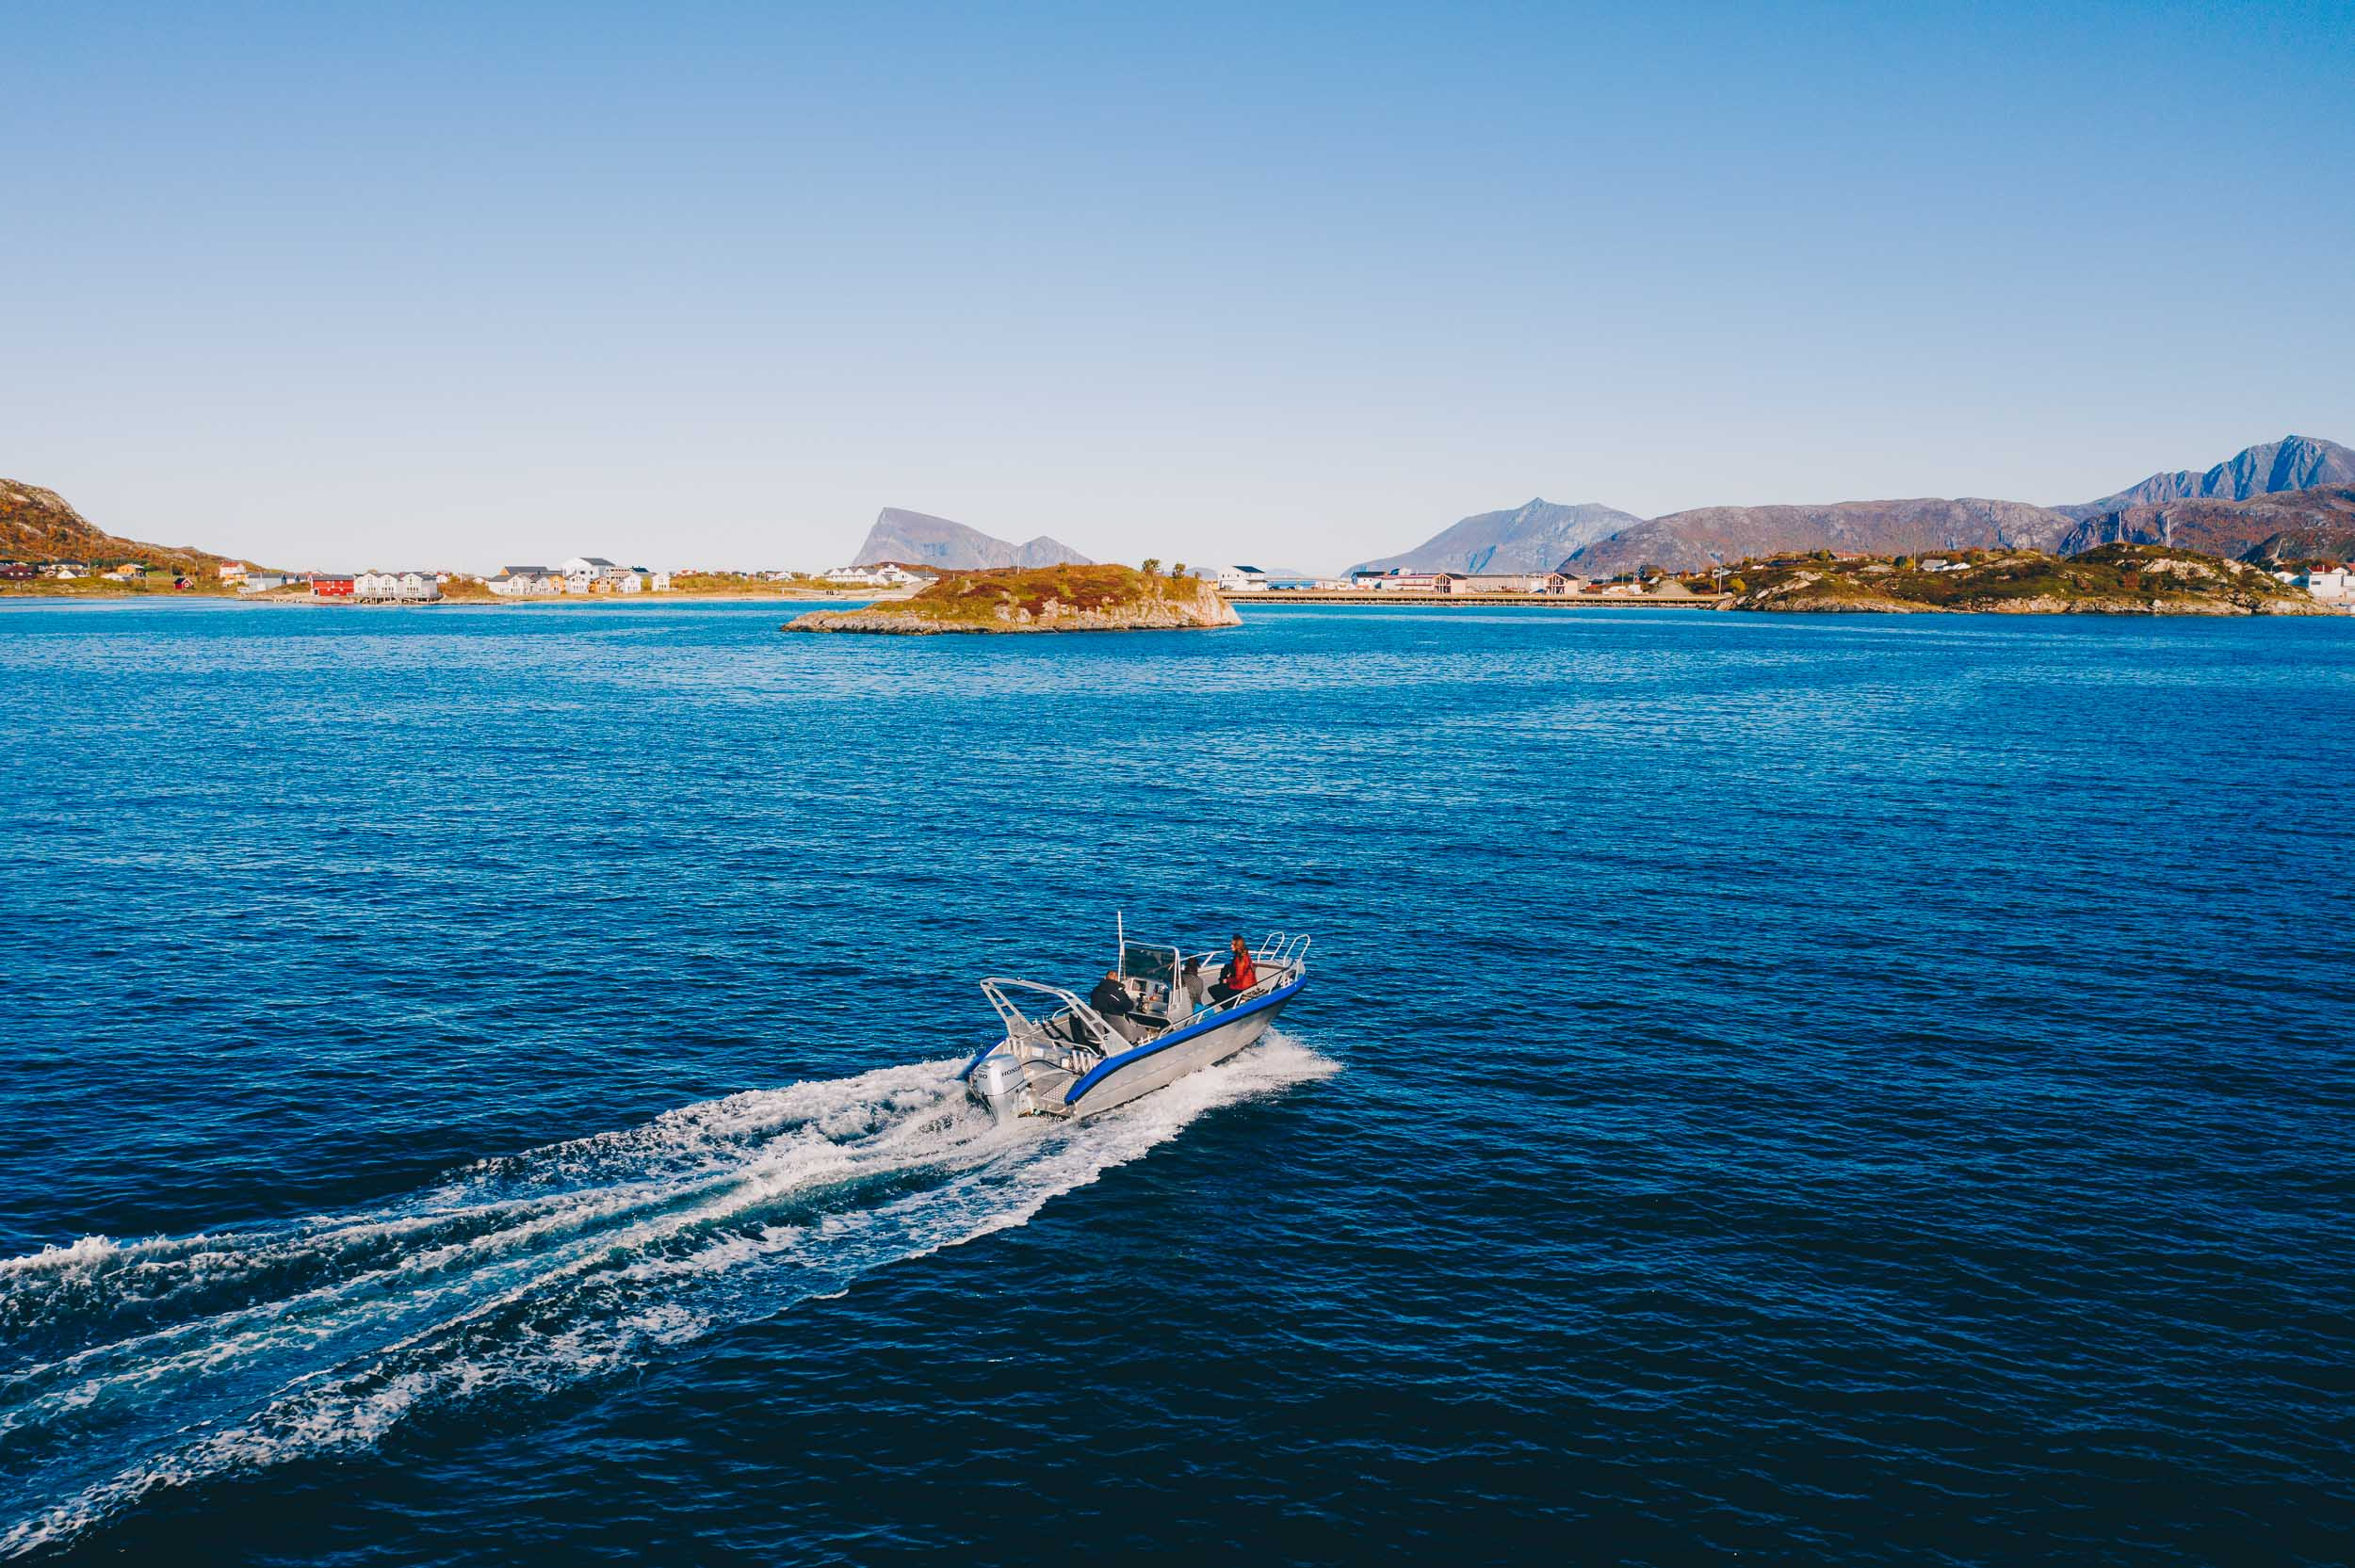 Båt omringet av Sommarøy's vakre natur